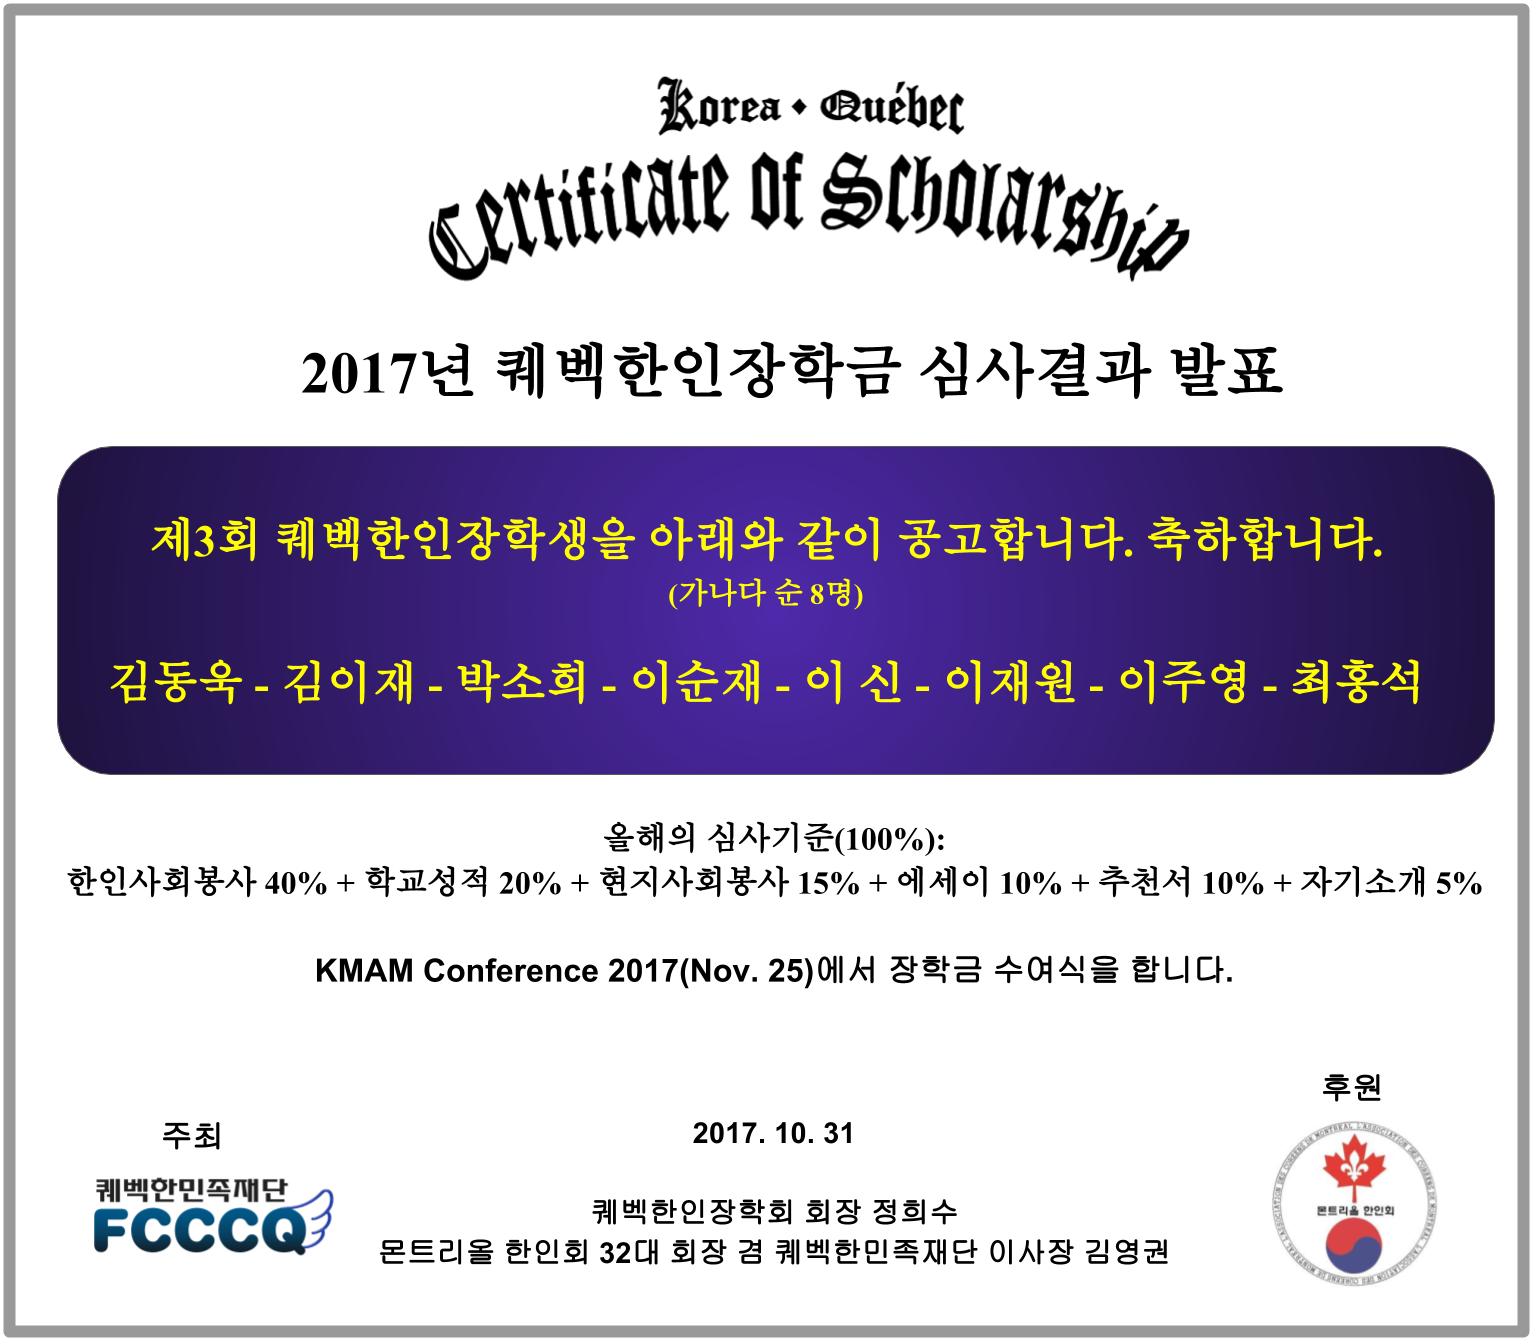 제3회 퀘벡한인장학금 1차 심사결과 발표-10312017.png